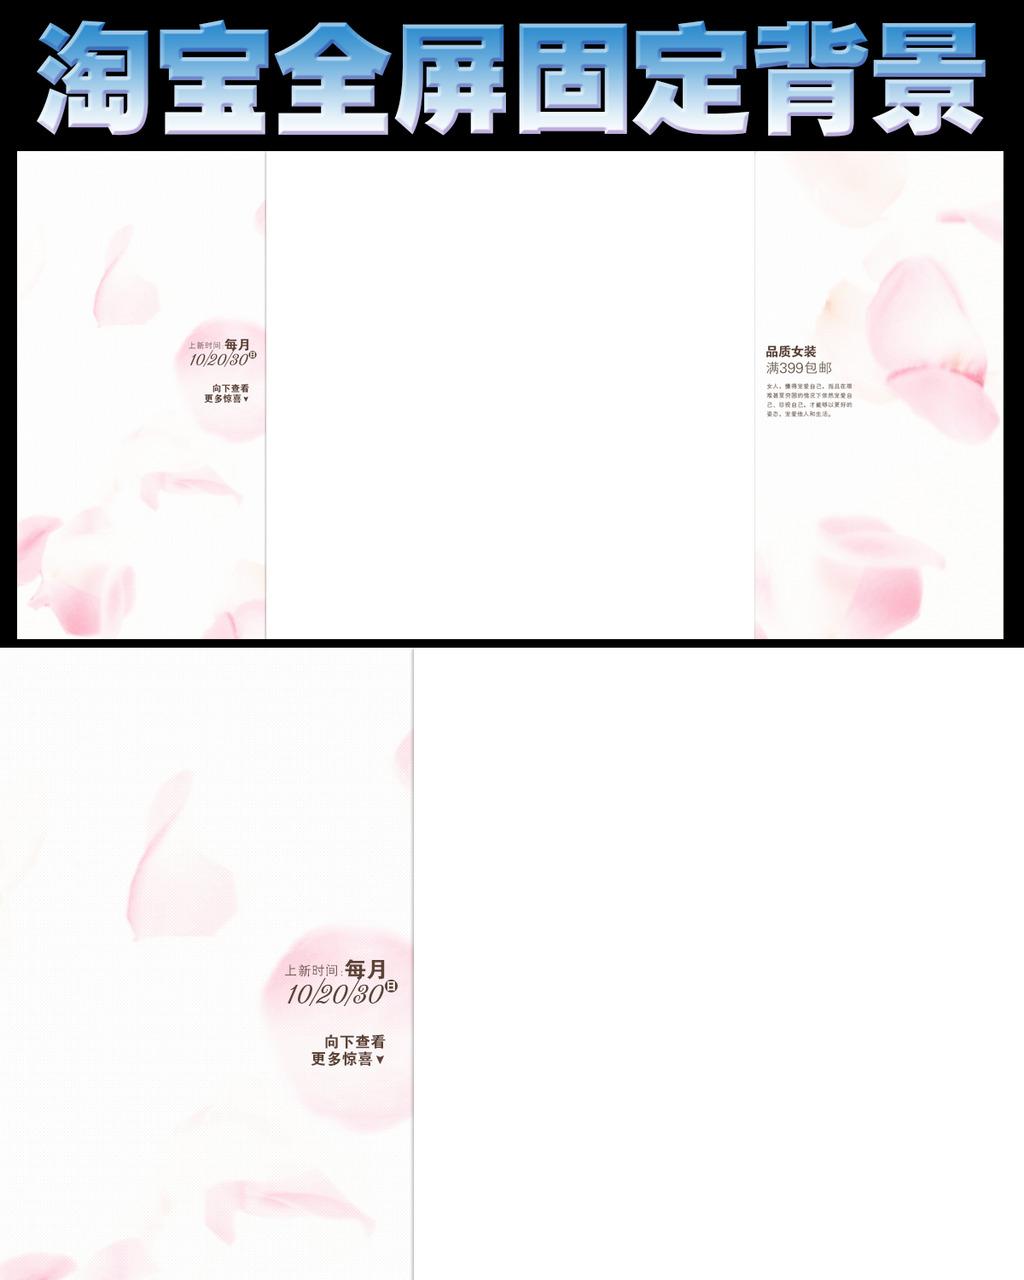 淘宝天猫花瓣固定全屏背景图模板下载